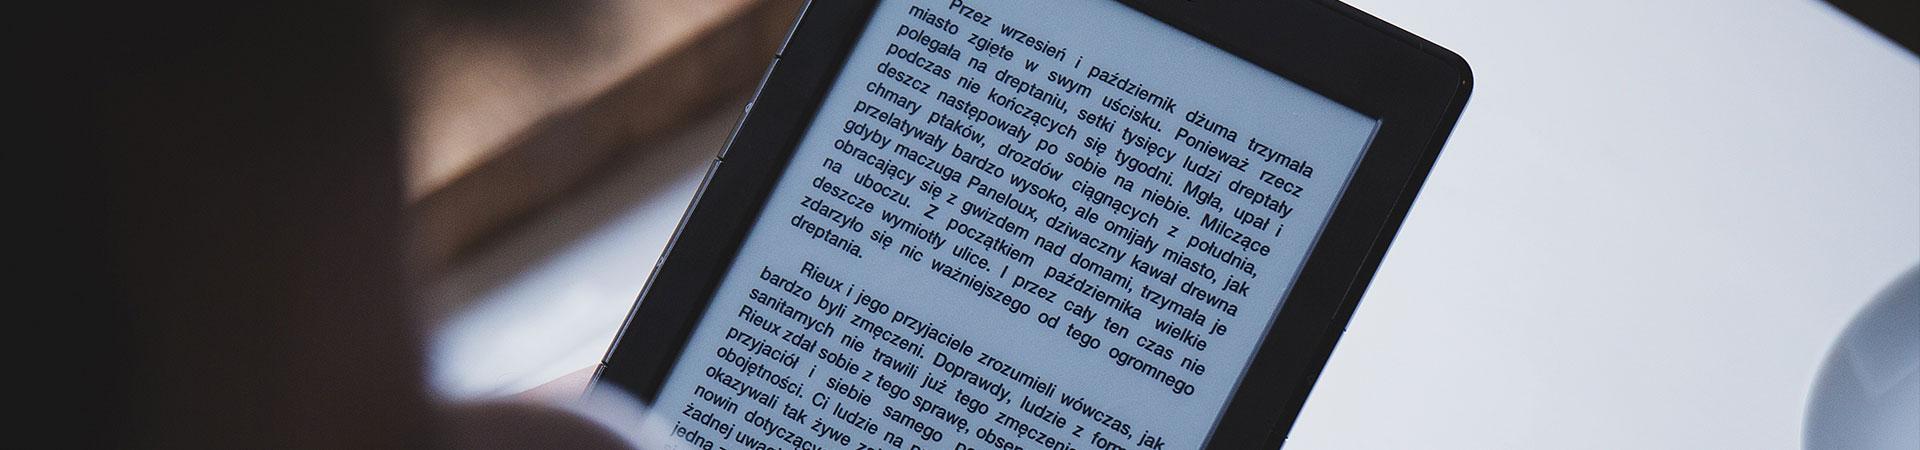 Apps para lectura de e-Books